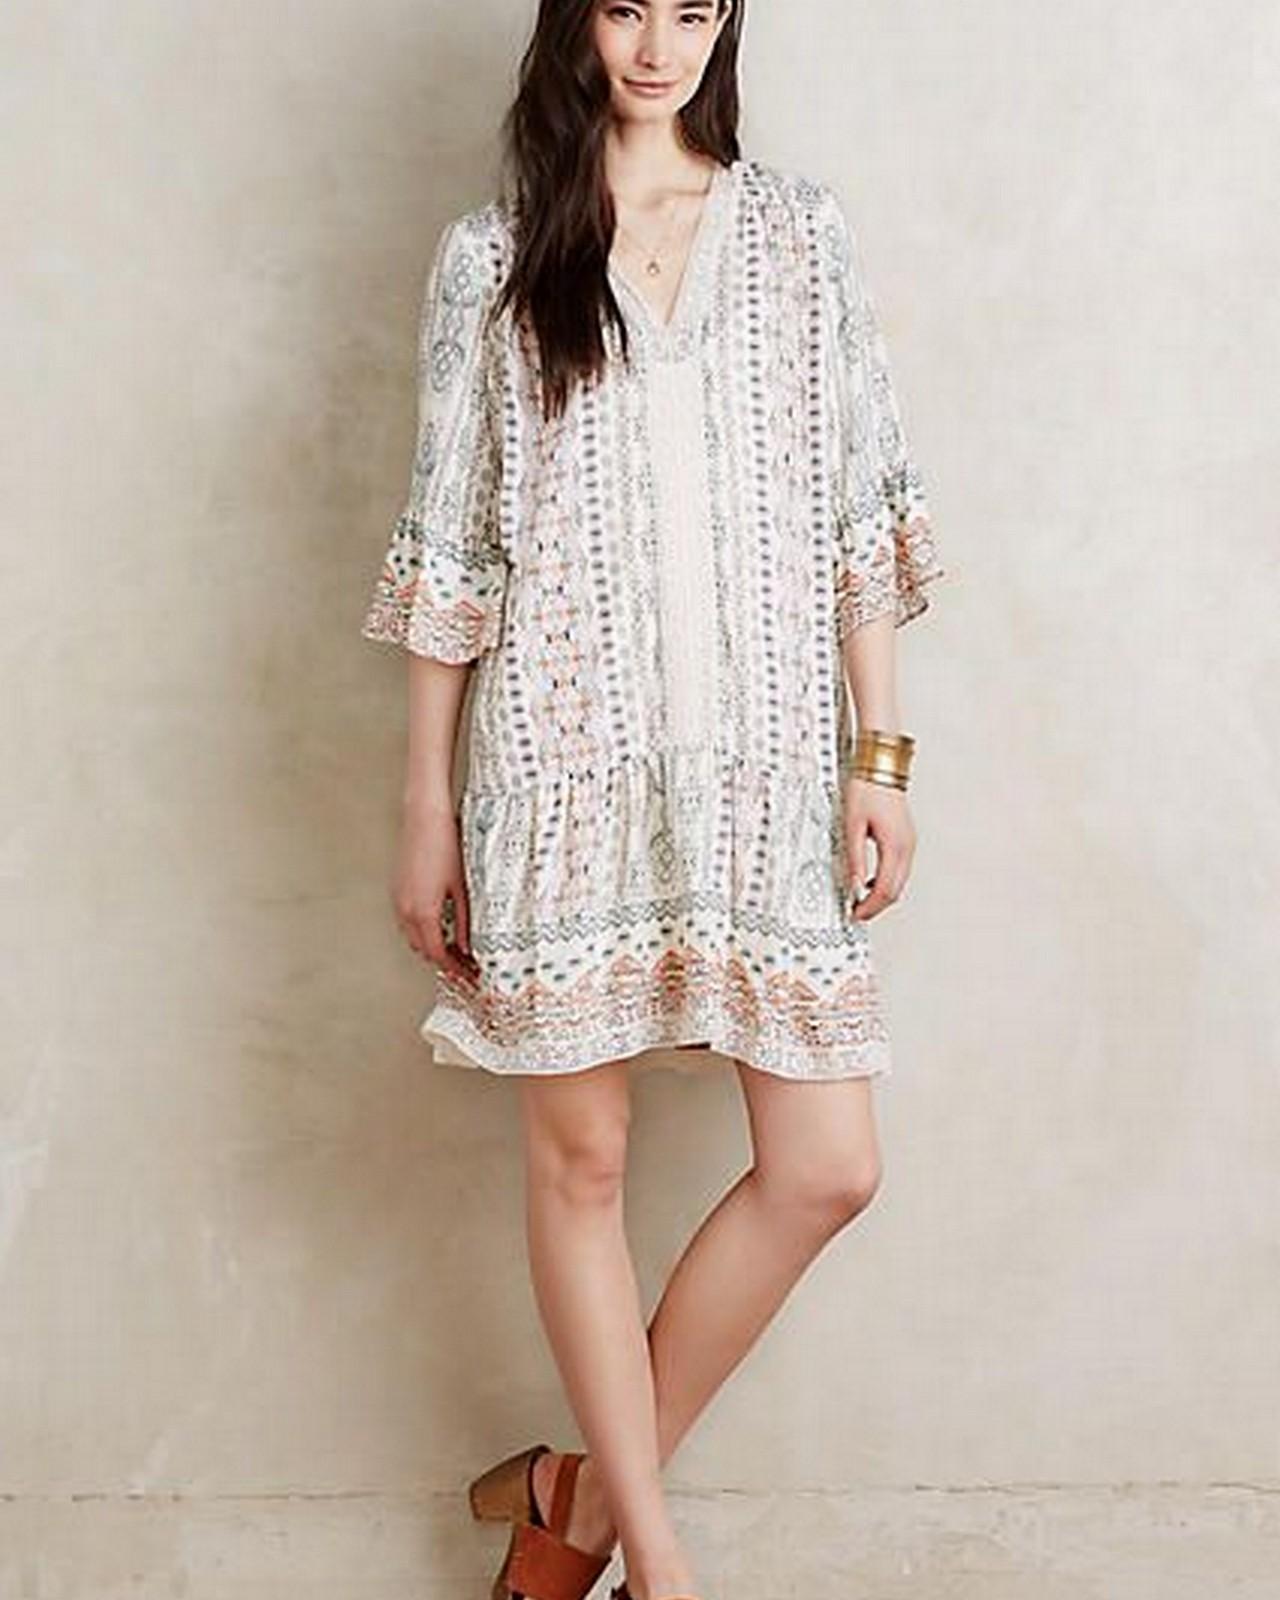 Pale Bohemian Dress